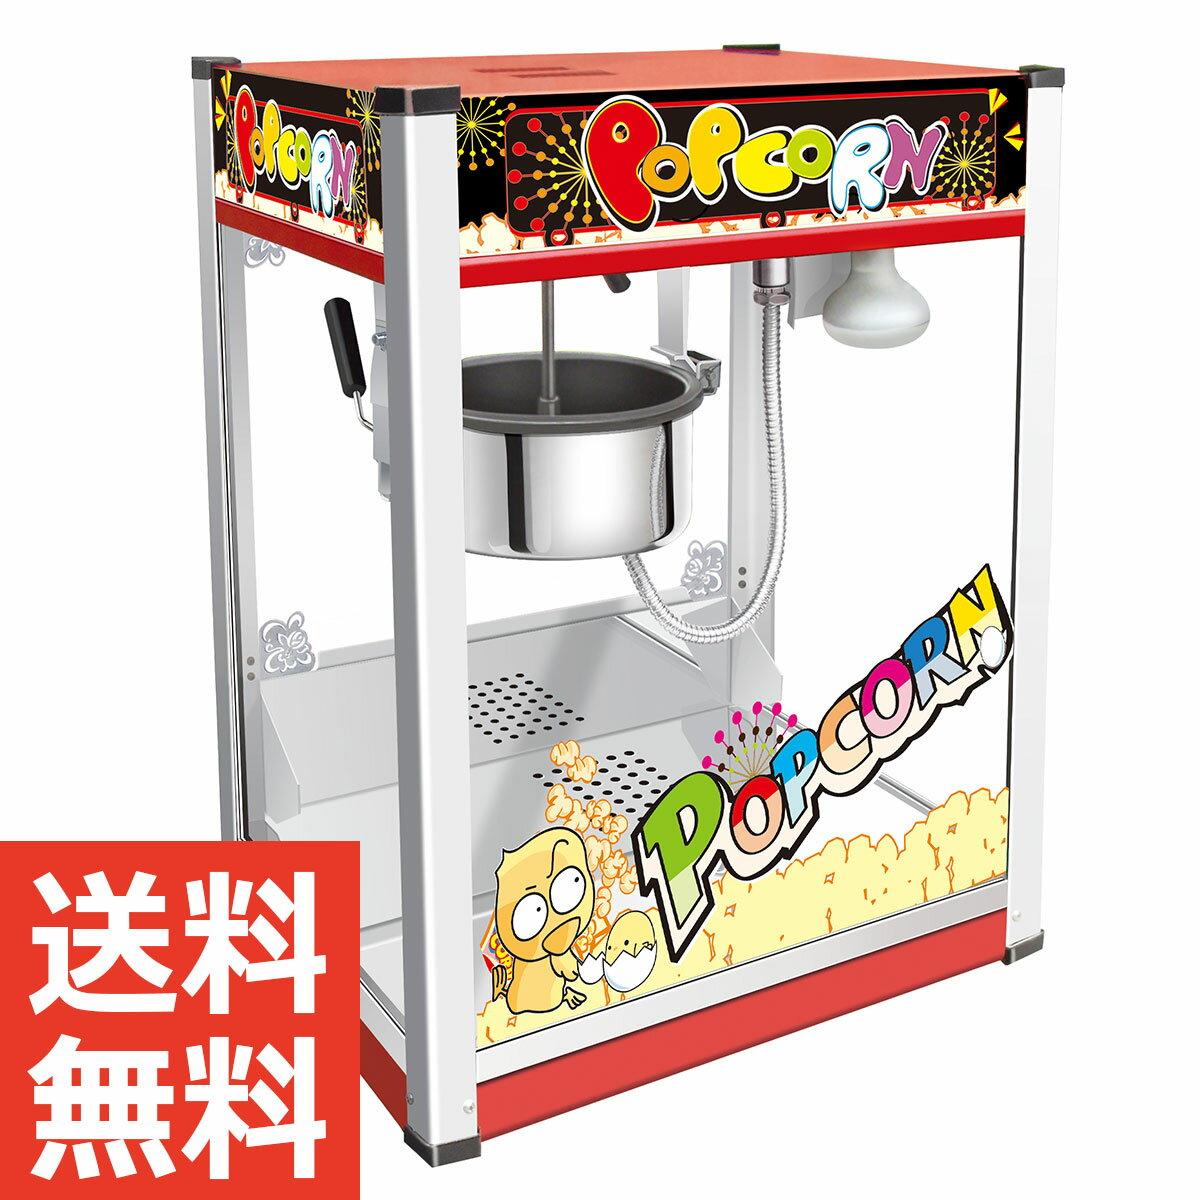 業務用ポップコーンマシーン 8オンス【KJM-8N】